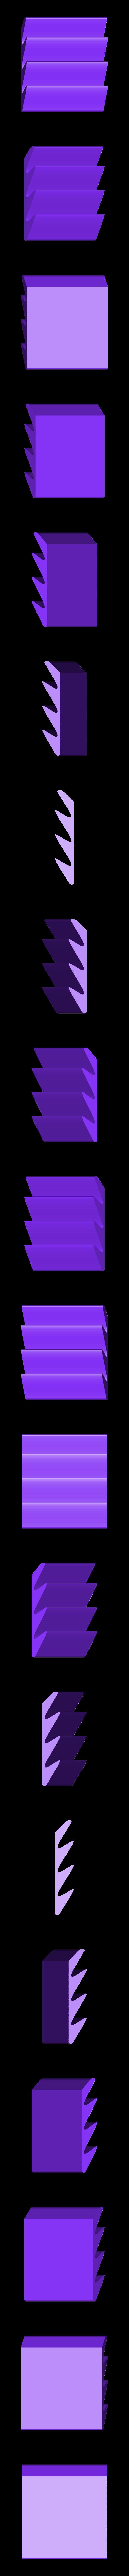 SLIM_75mmWide_2of2_MaskPleatJig_20200507.stl Télécharger fichier STL gratuit Gabarit de plissage pour masques en tissu - Covid-19 • Design pour impression 3D, tonyyoungblood